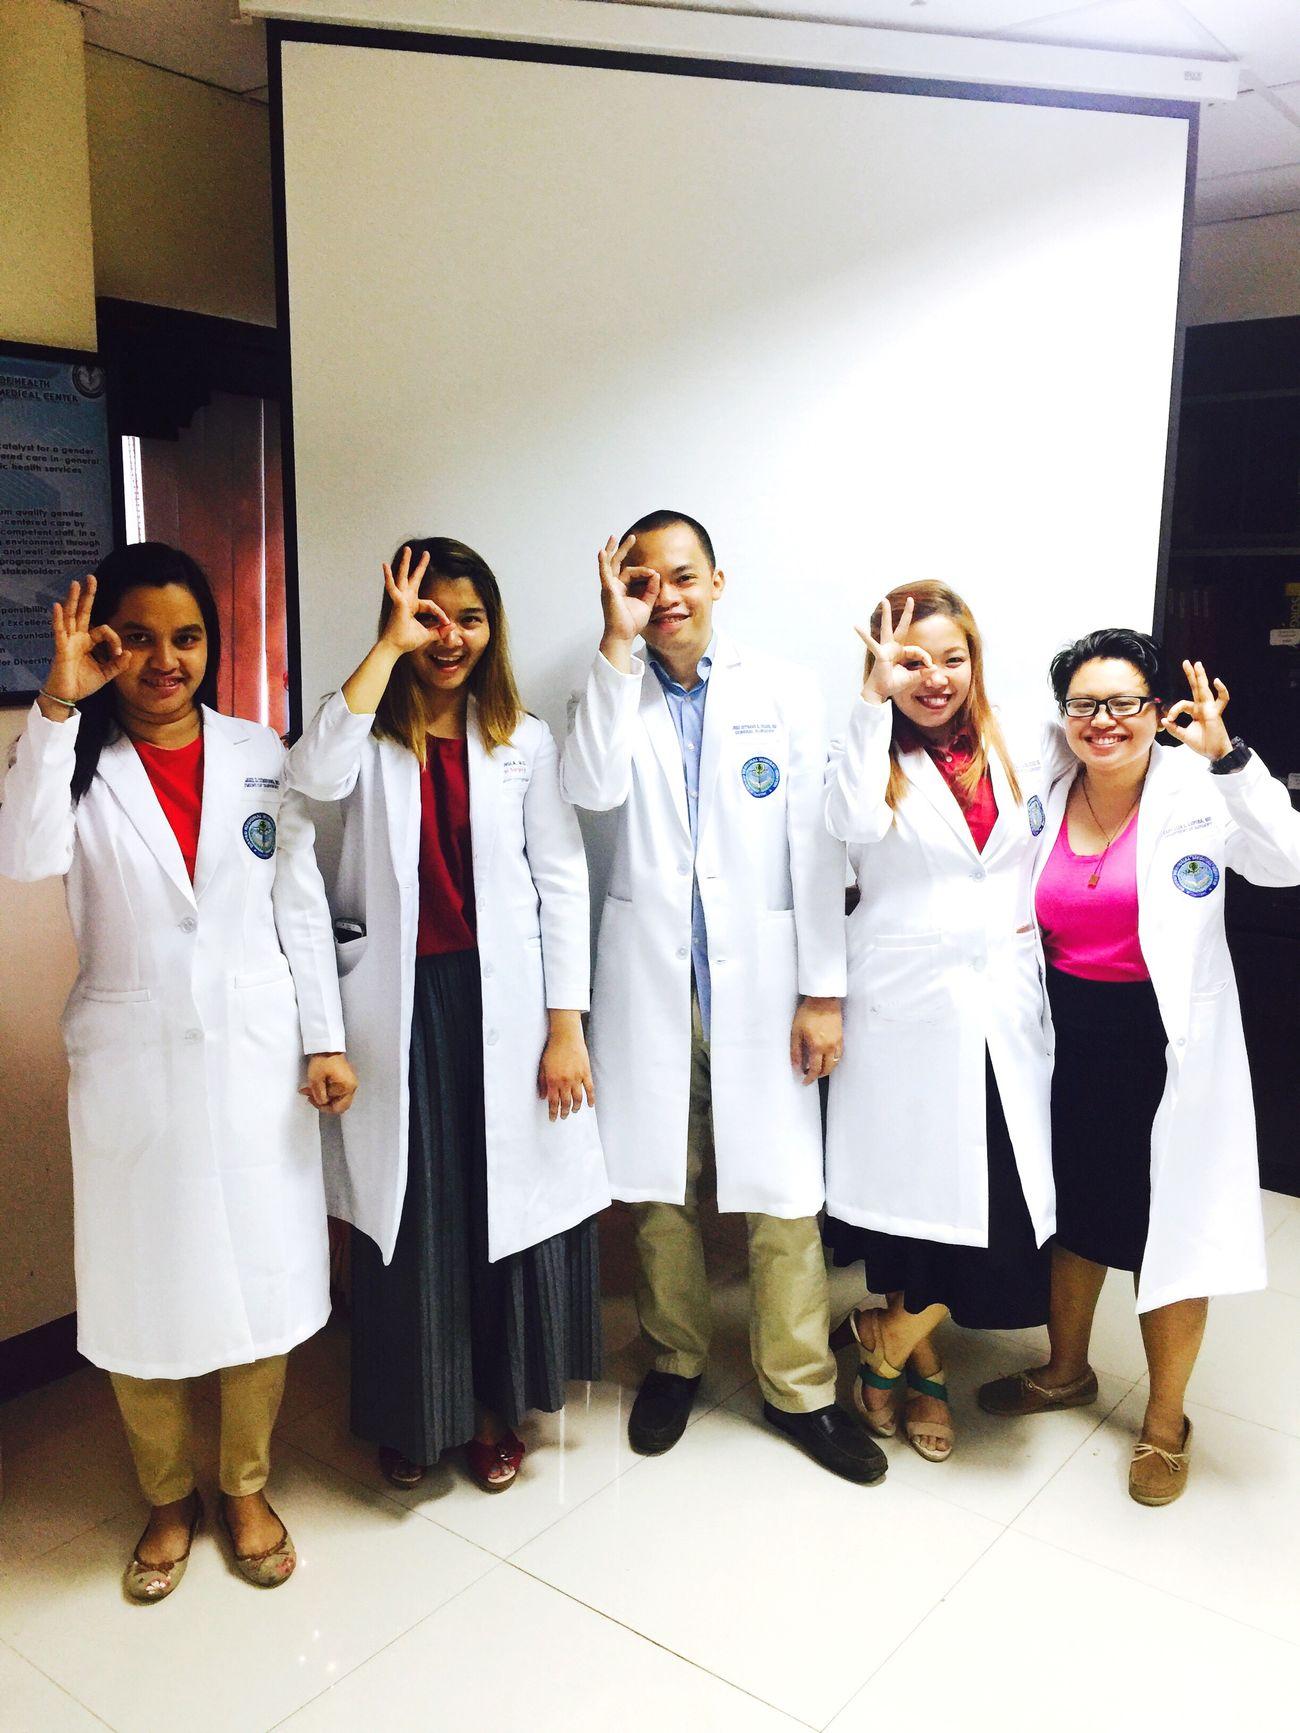 Group 3 be like.. Surgeons Medicine Residency Training DRMC Knife Blades Lab Coat White Coat Photoshoot